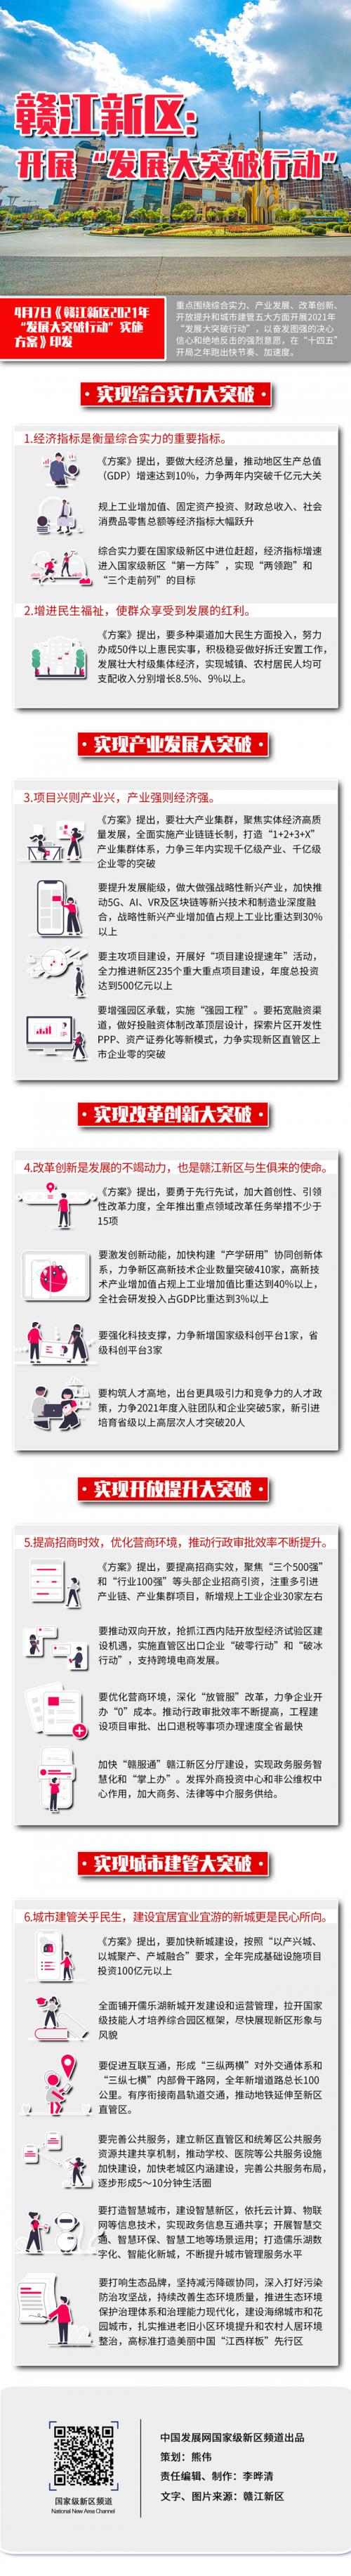 赣江新区图解0416